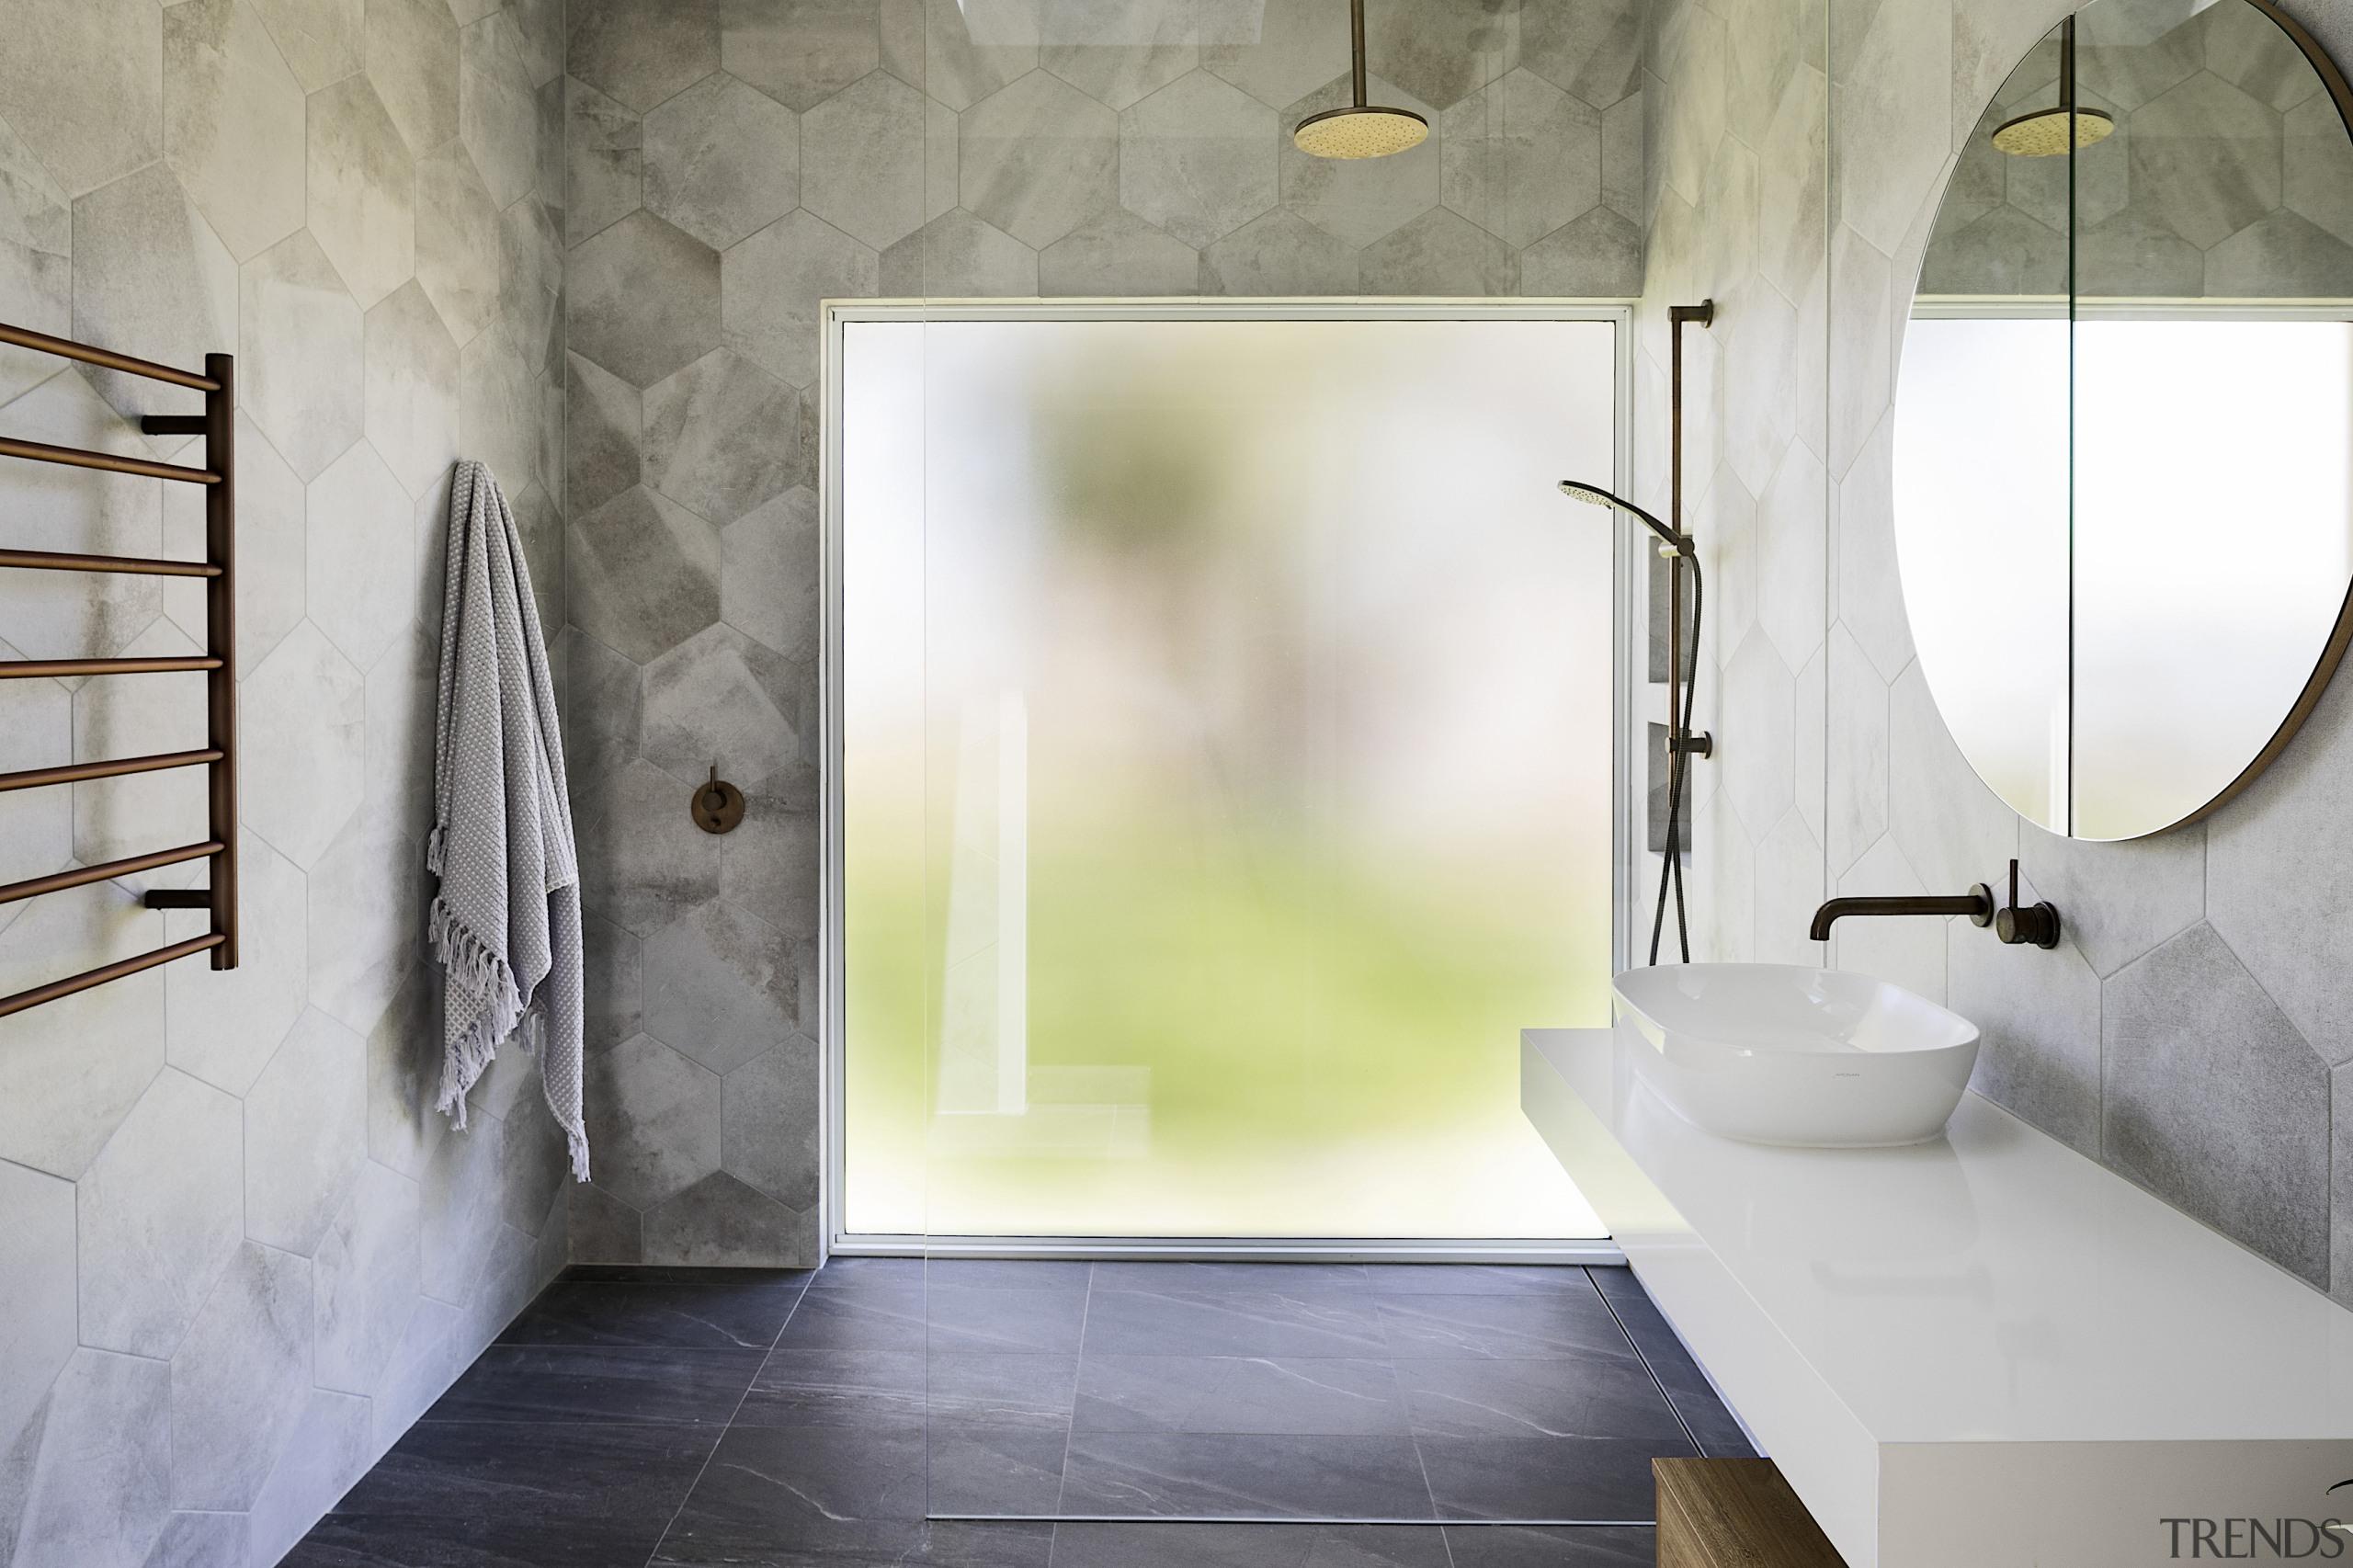 Mottled, hexagonal tiles bring a soft focus effect